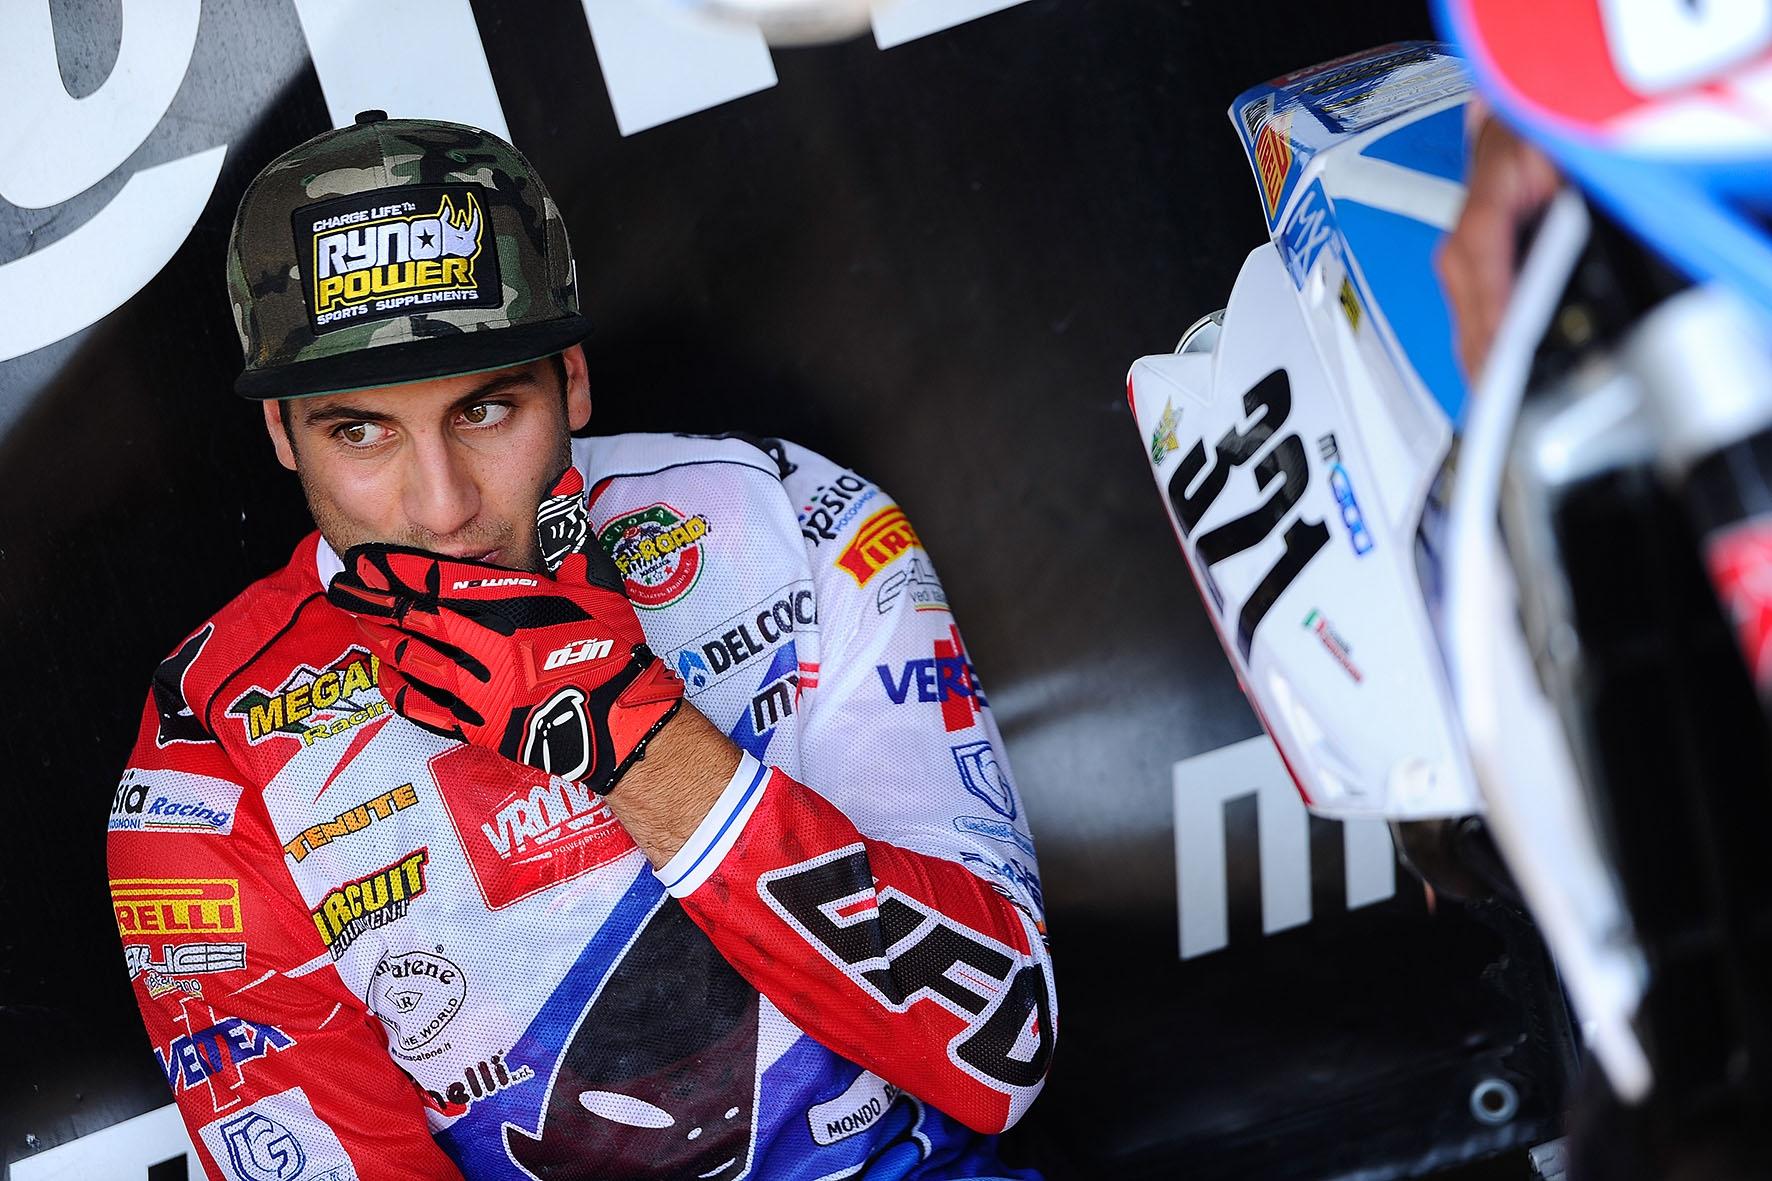 Samuele Bernardini, ancora un ottavo posto nel Mondiale in Francia